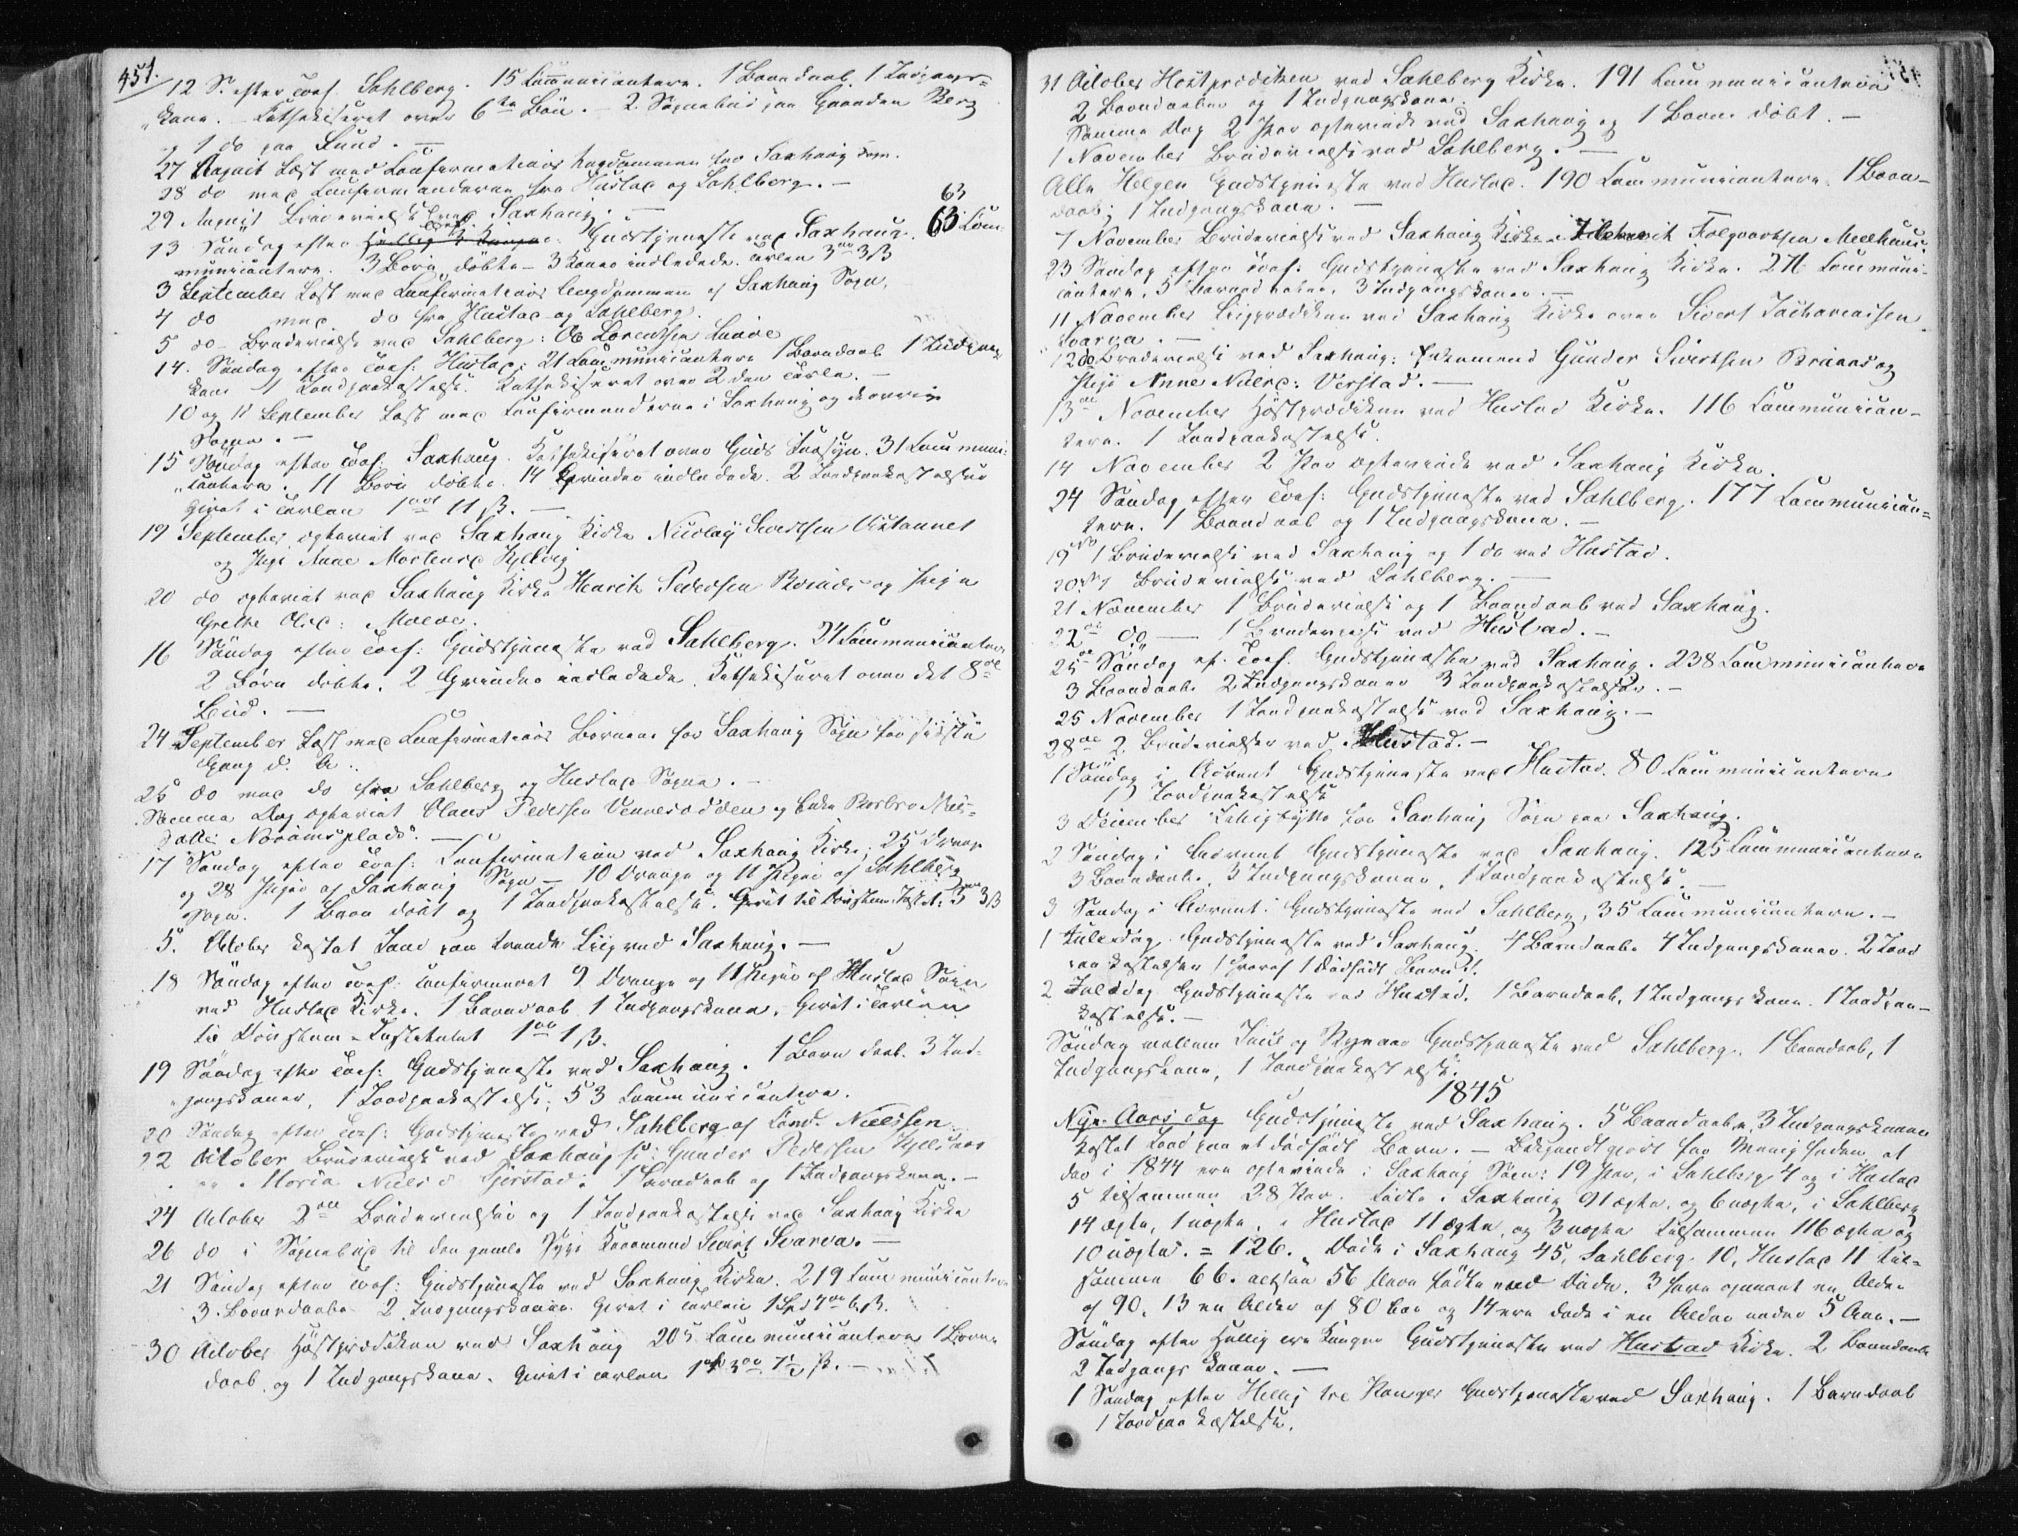 SAT, Ministerialprotokoller, klokkerbøker og fødselsregistre - Nord-Trøndelag, 730/L0280: Ministerialbok nr. 730A07 /1, 1840-1854, s. 451